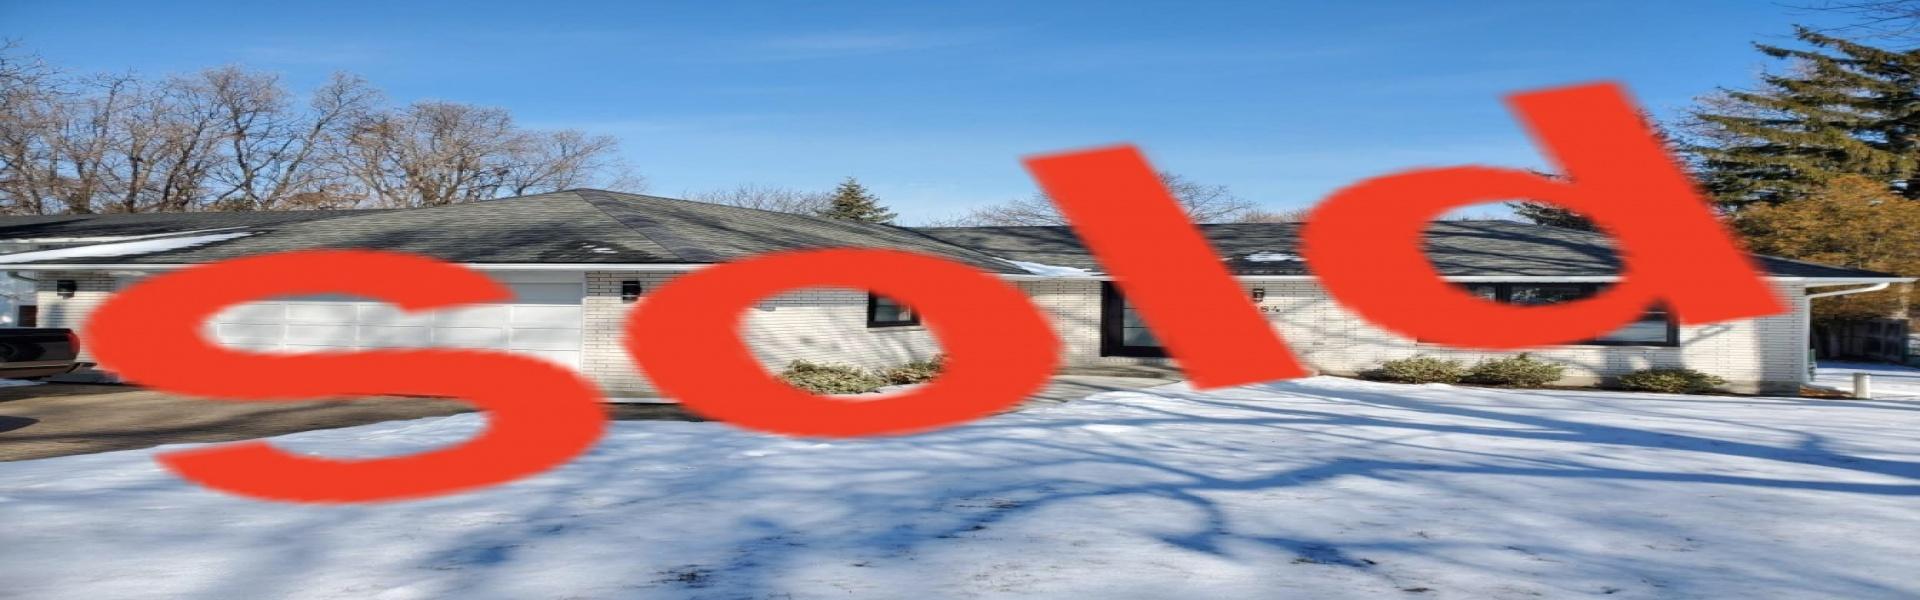 1284 Lakeshore road,Sarnia,N7s2l6,Home,Lakeshore road,2,1012